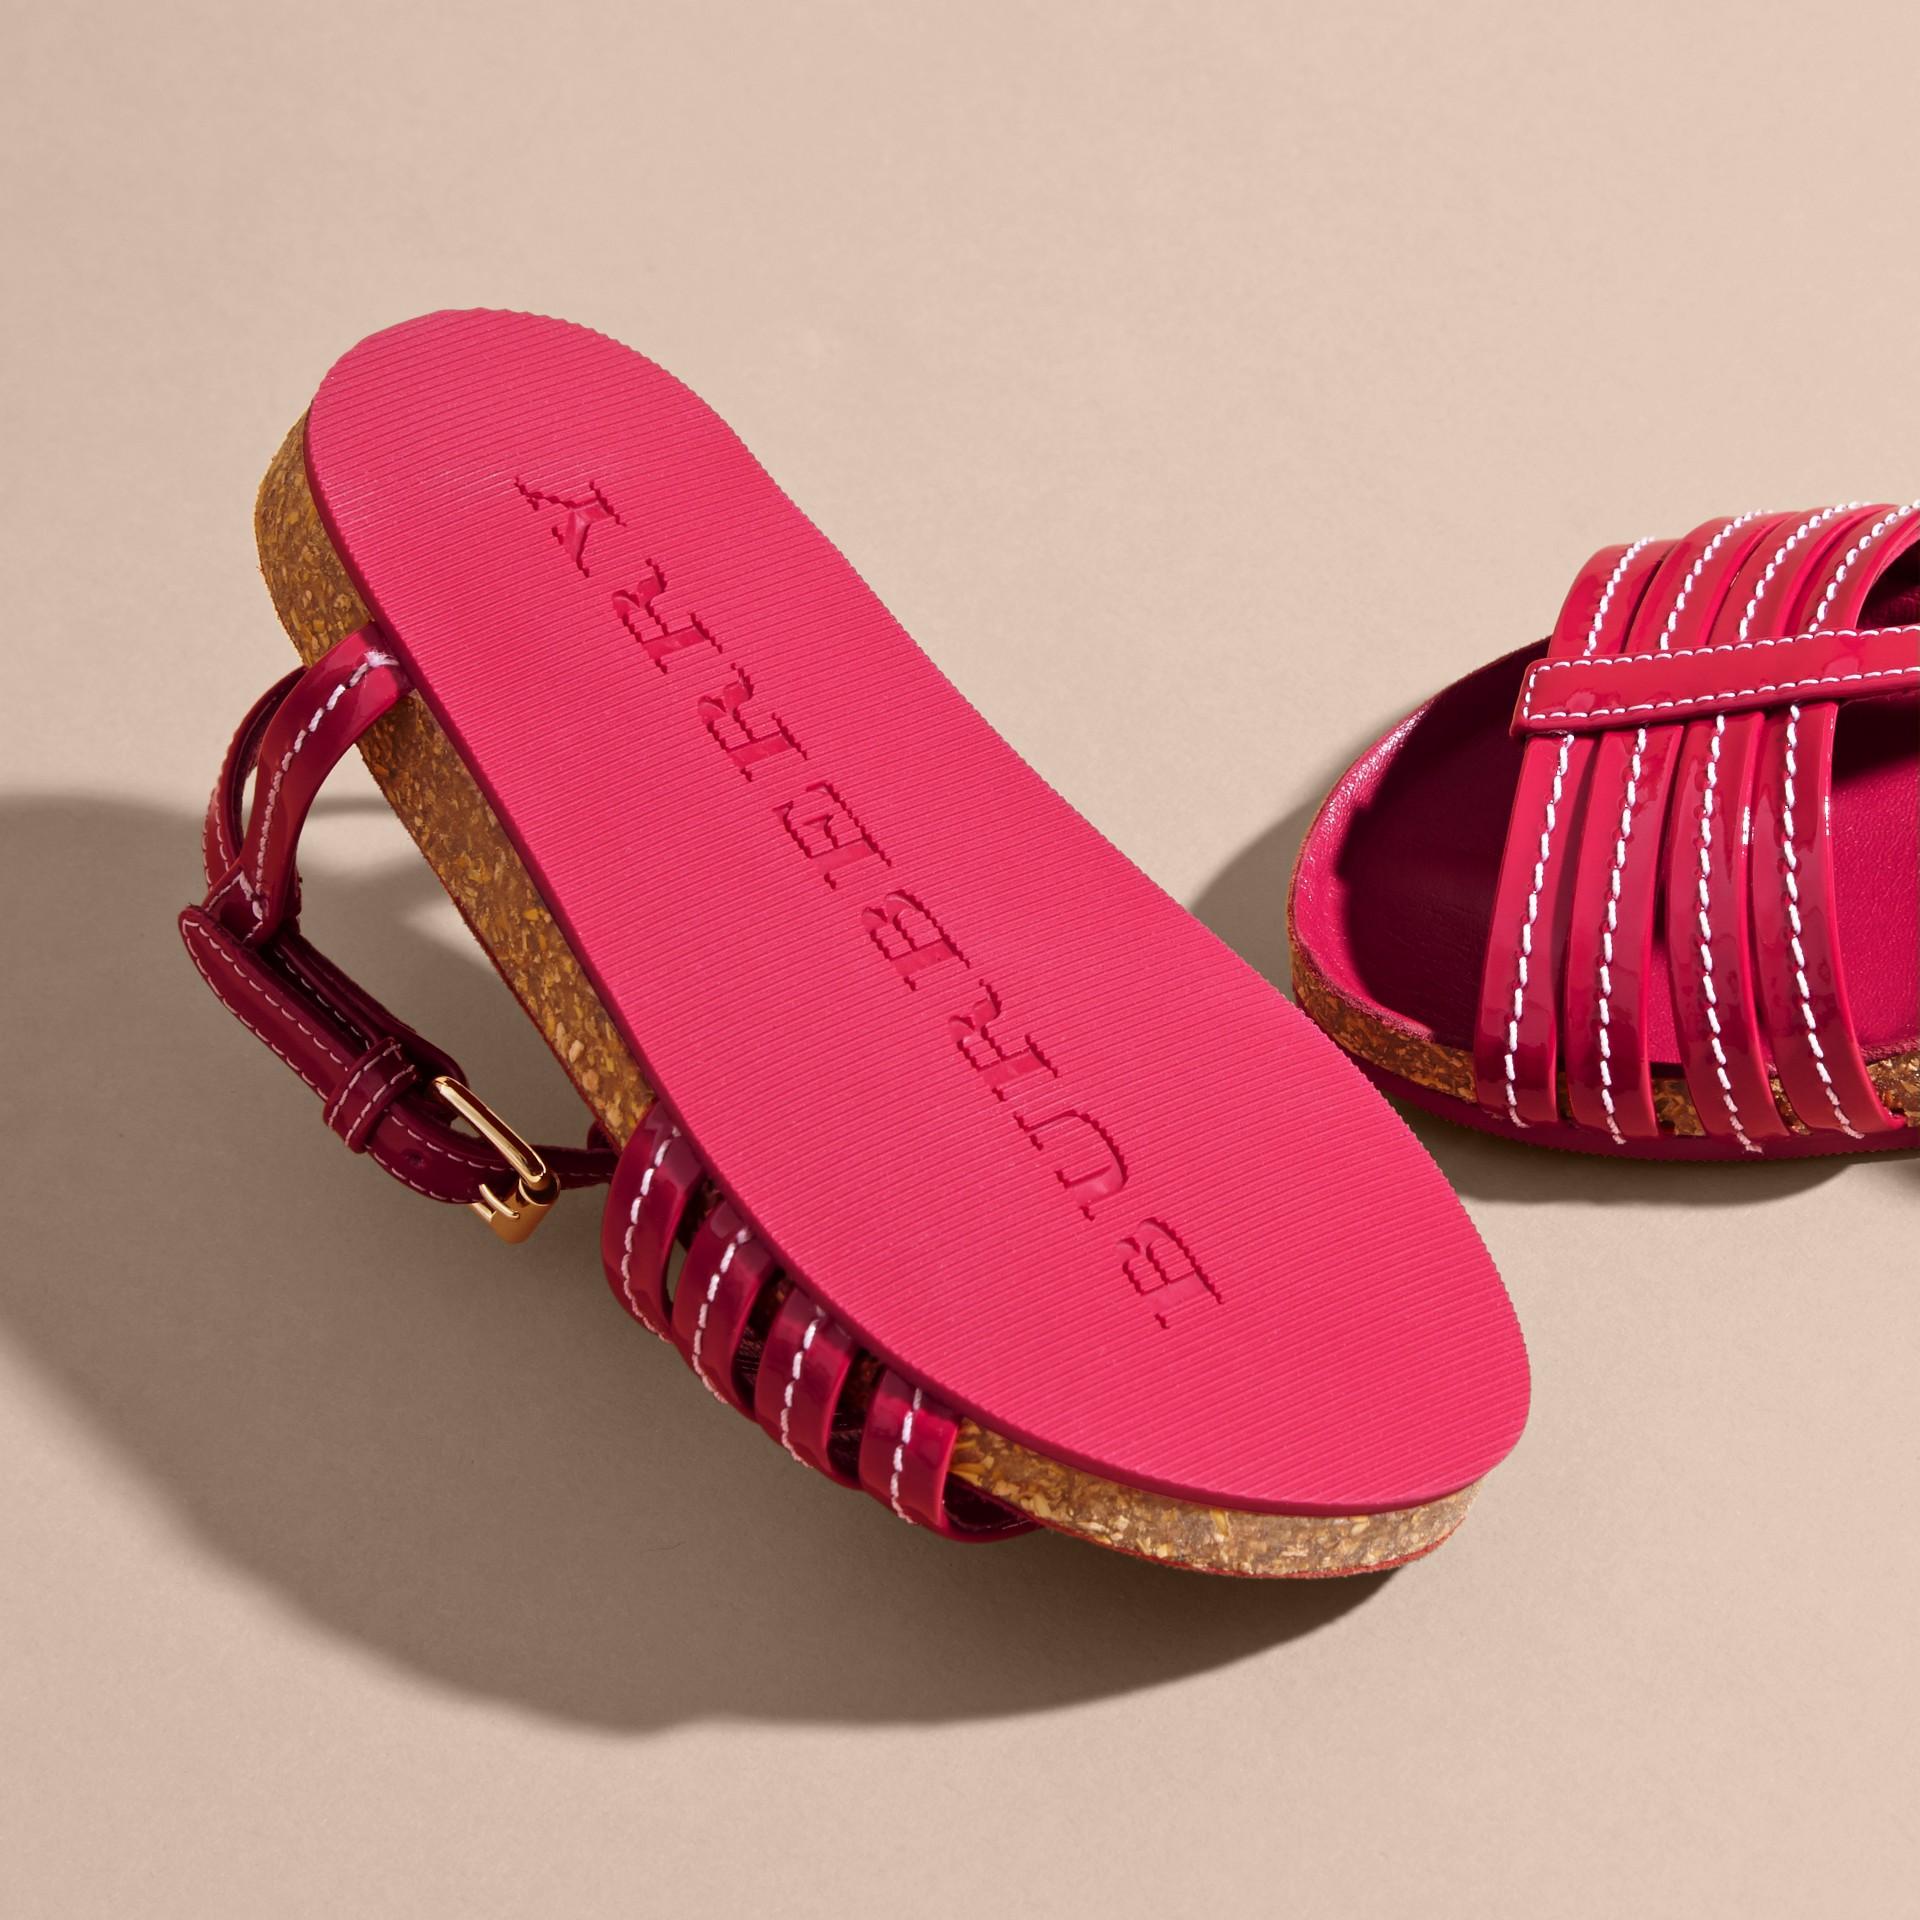 Sandales en cuir verni avec plateforme en liège | Burberry - photo de la galerie 2